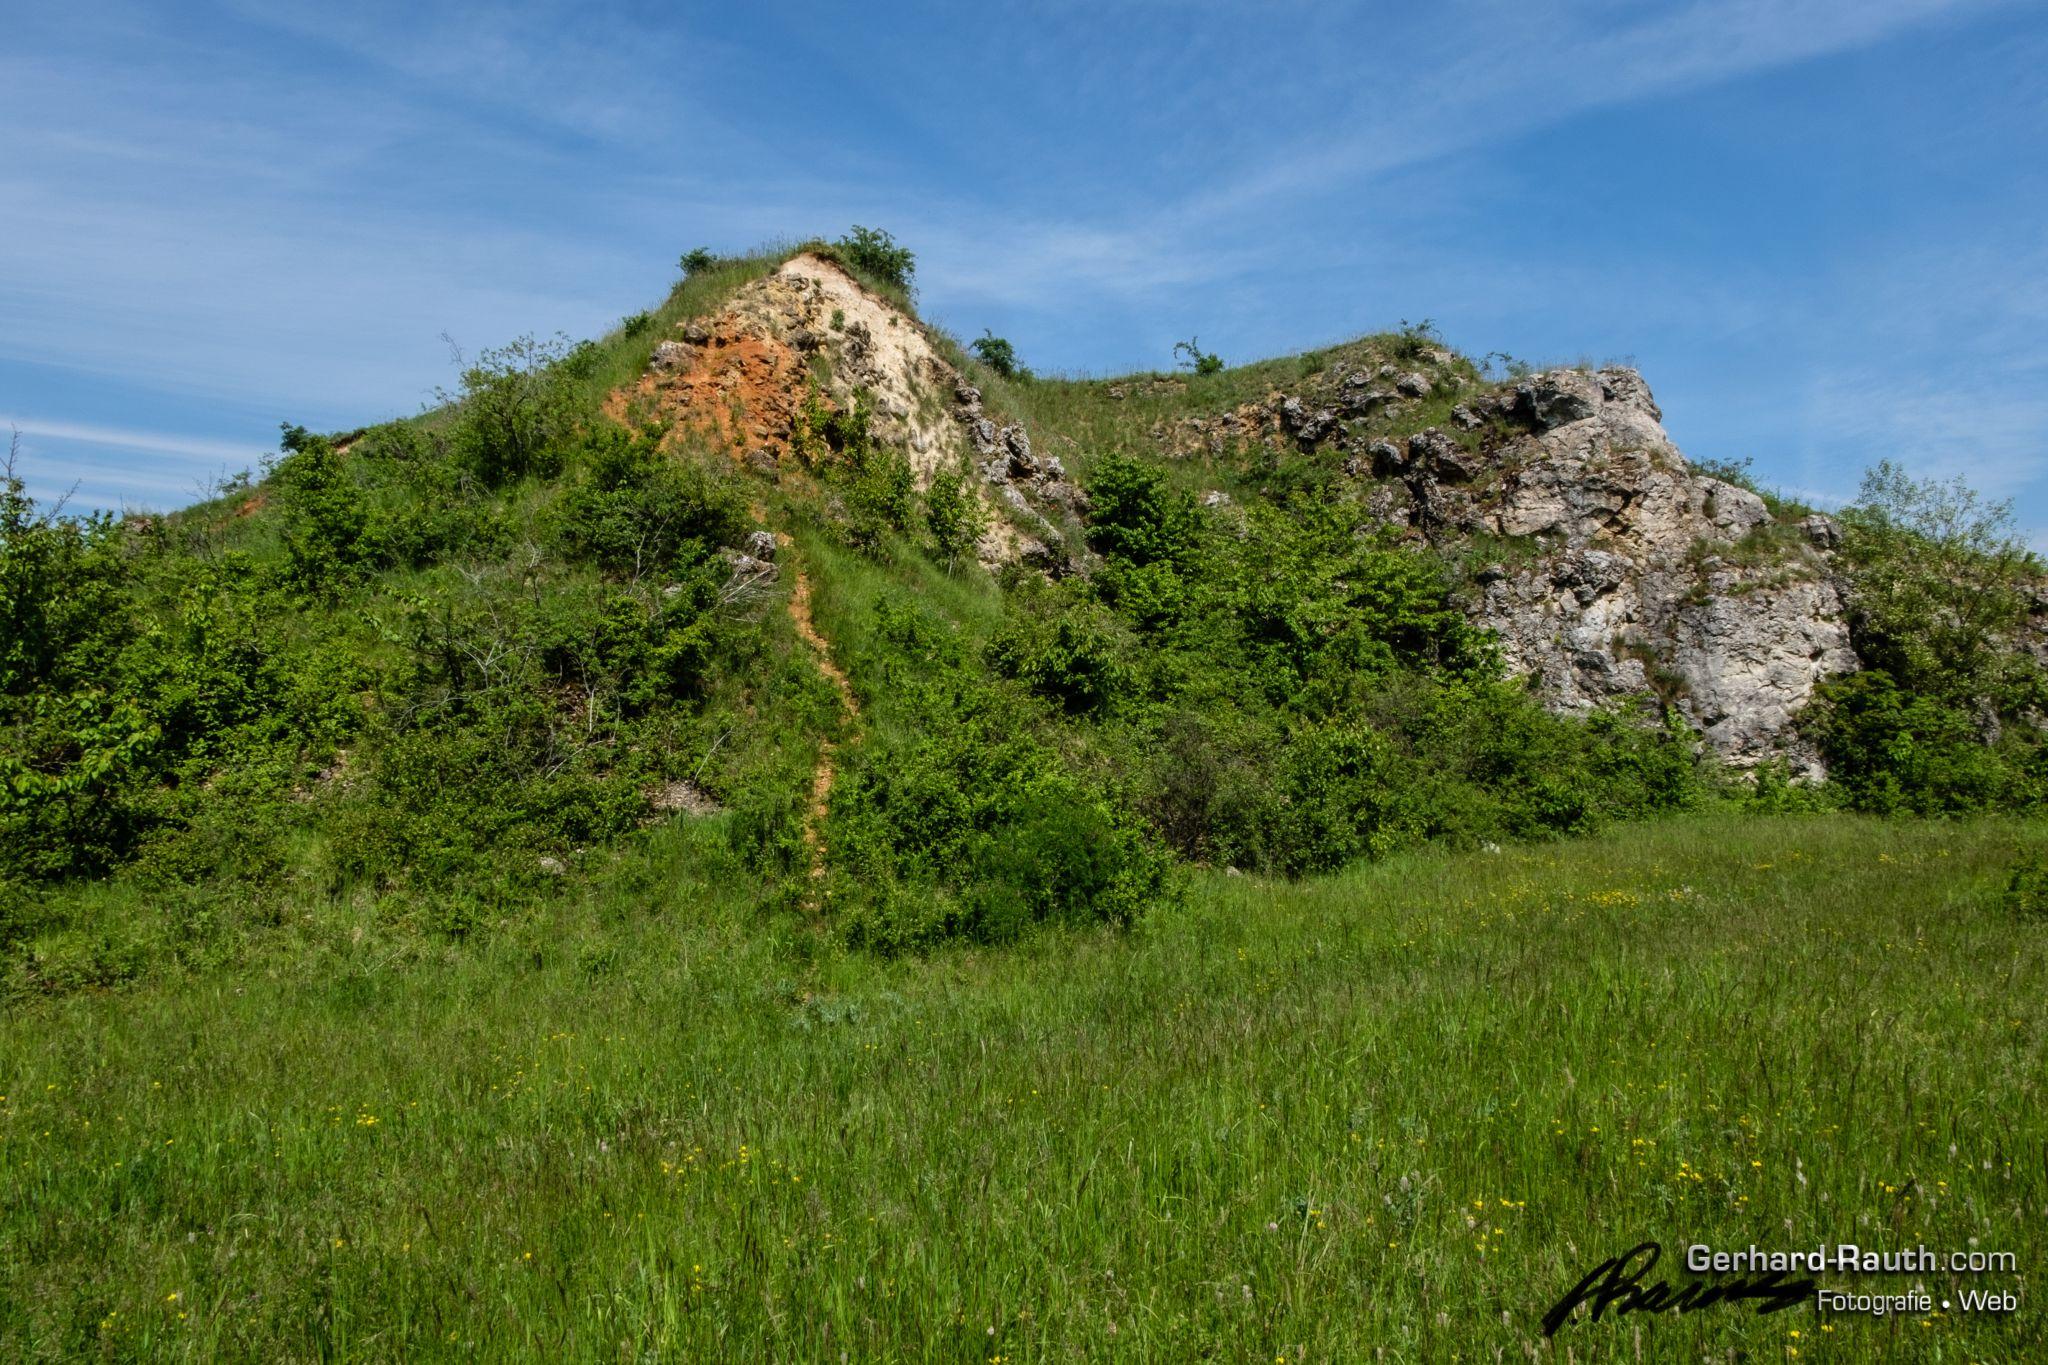 Kalksteinbrüche Rosengarten - limestone quarries Rosengarten, Germany